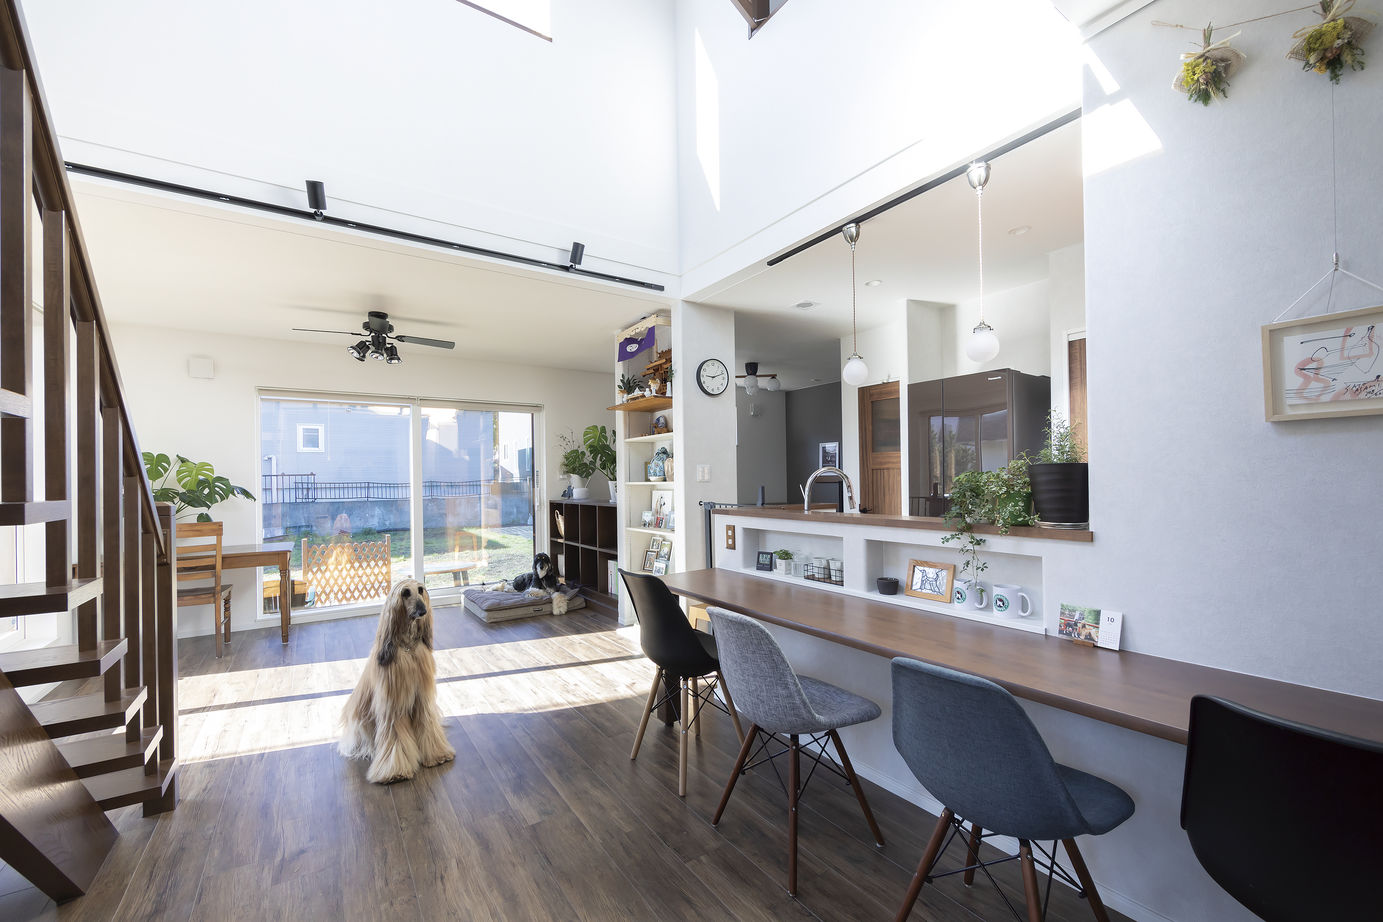 【2000~2500万円】『愛犬と暮らす幸せ』をデザイン 床暖房も暖か、50代からの快適暮らし画像1